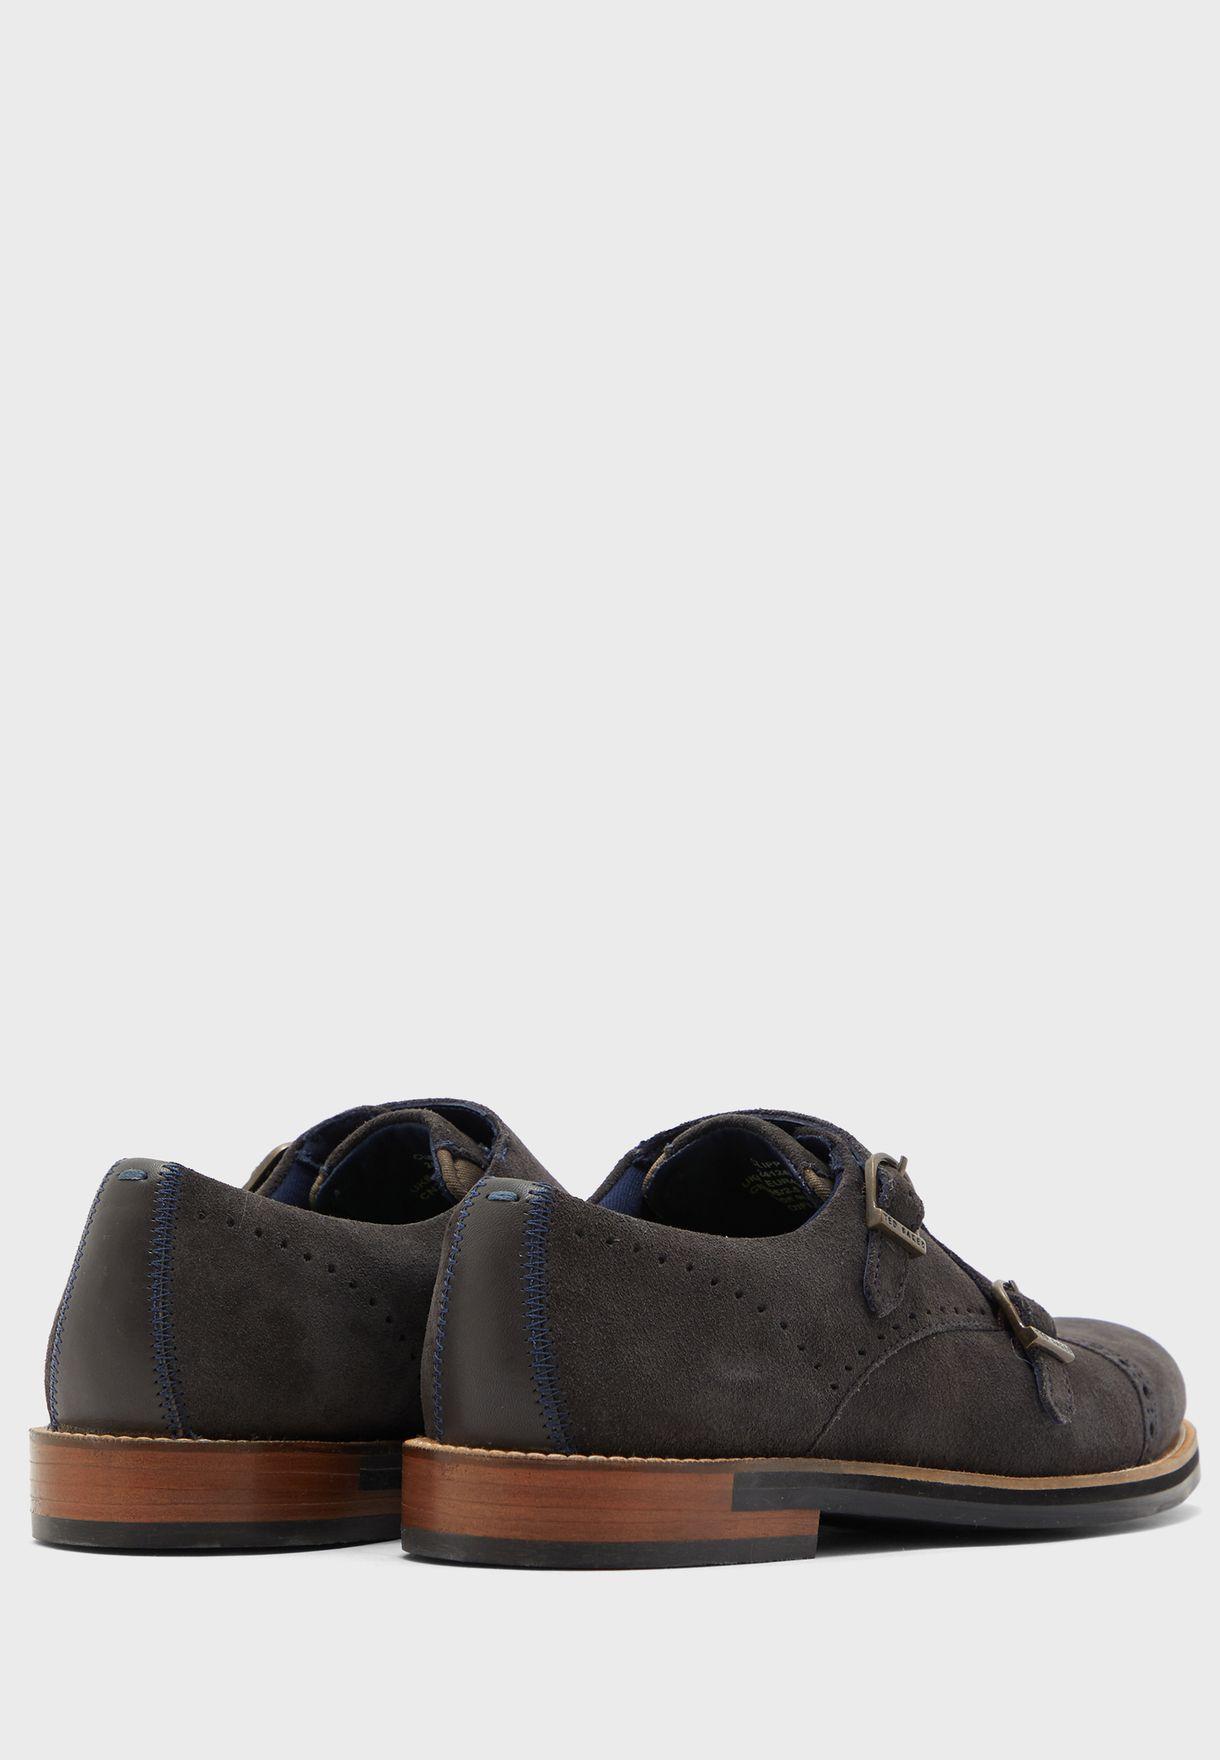 حذاء سهل الارتداء بابزيمين